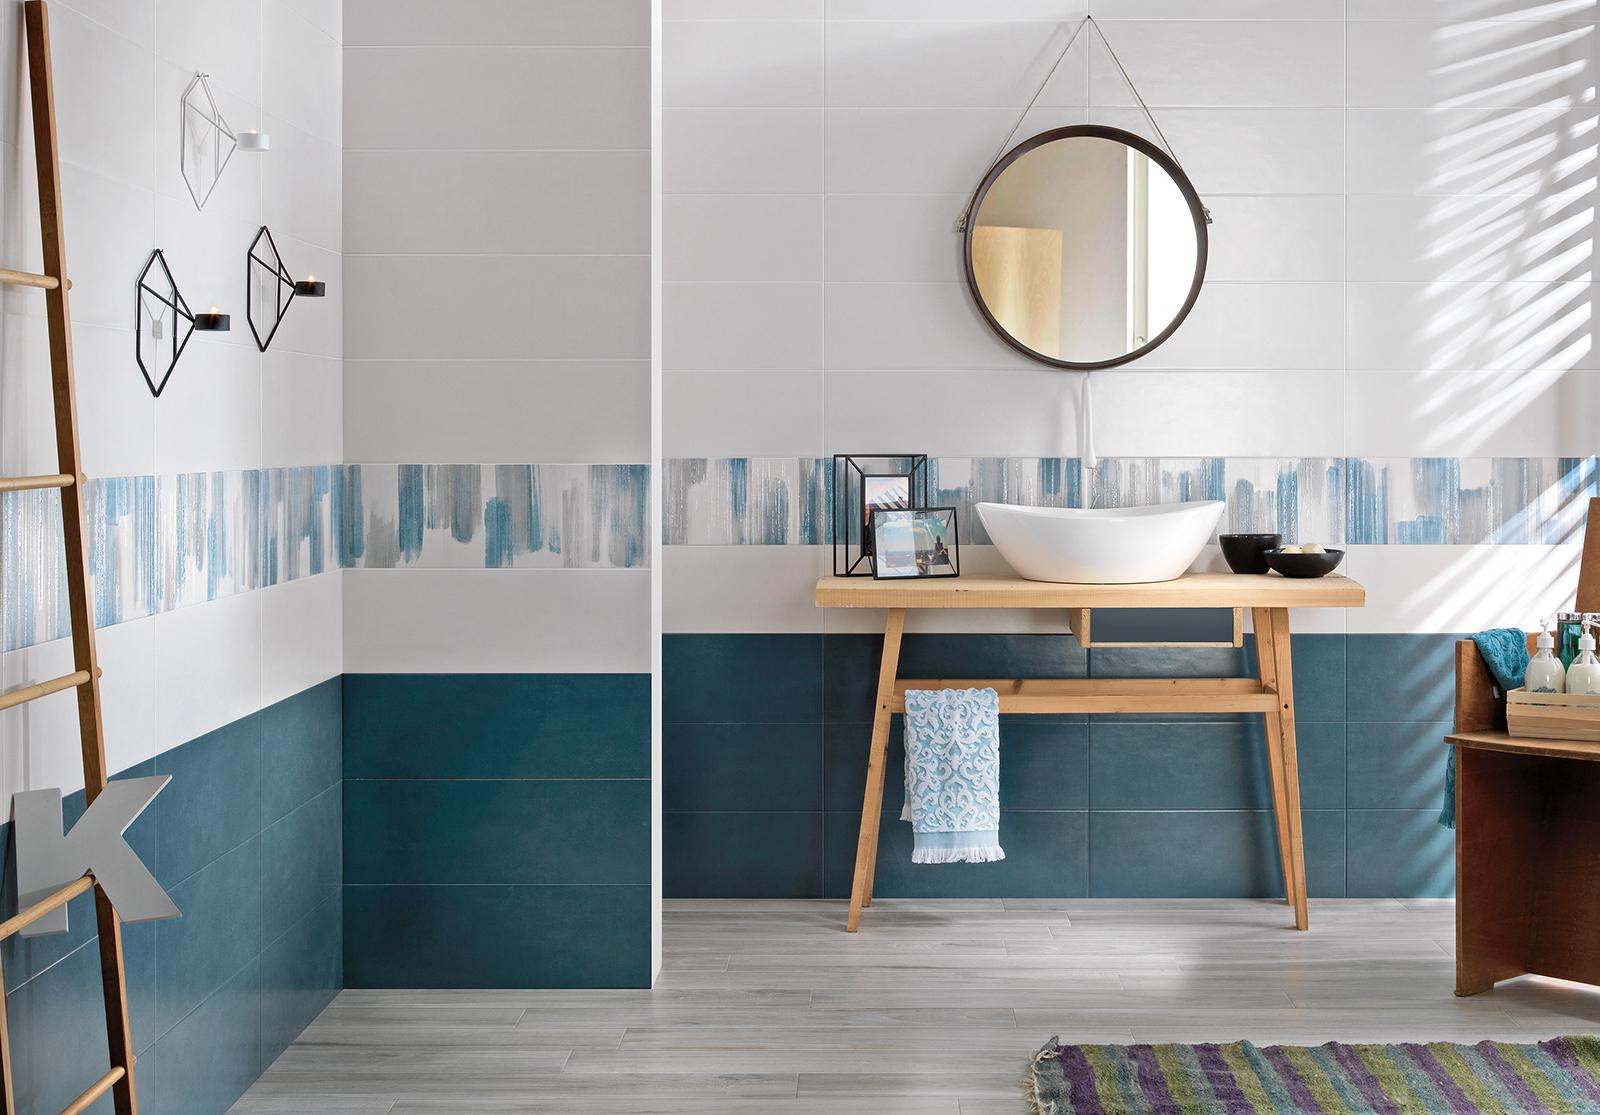 Serie kontact pavimenti e rivestimenti armonie ceramiche for Arte casa complementi d arredo